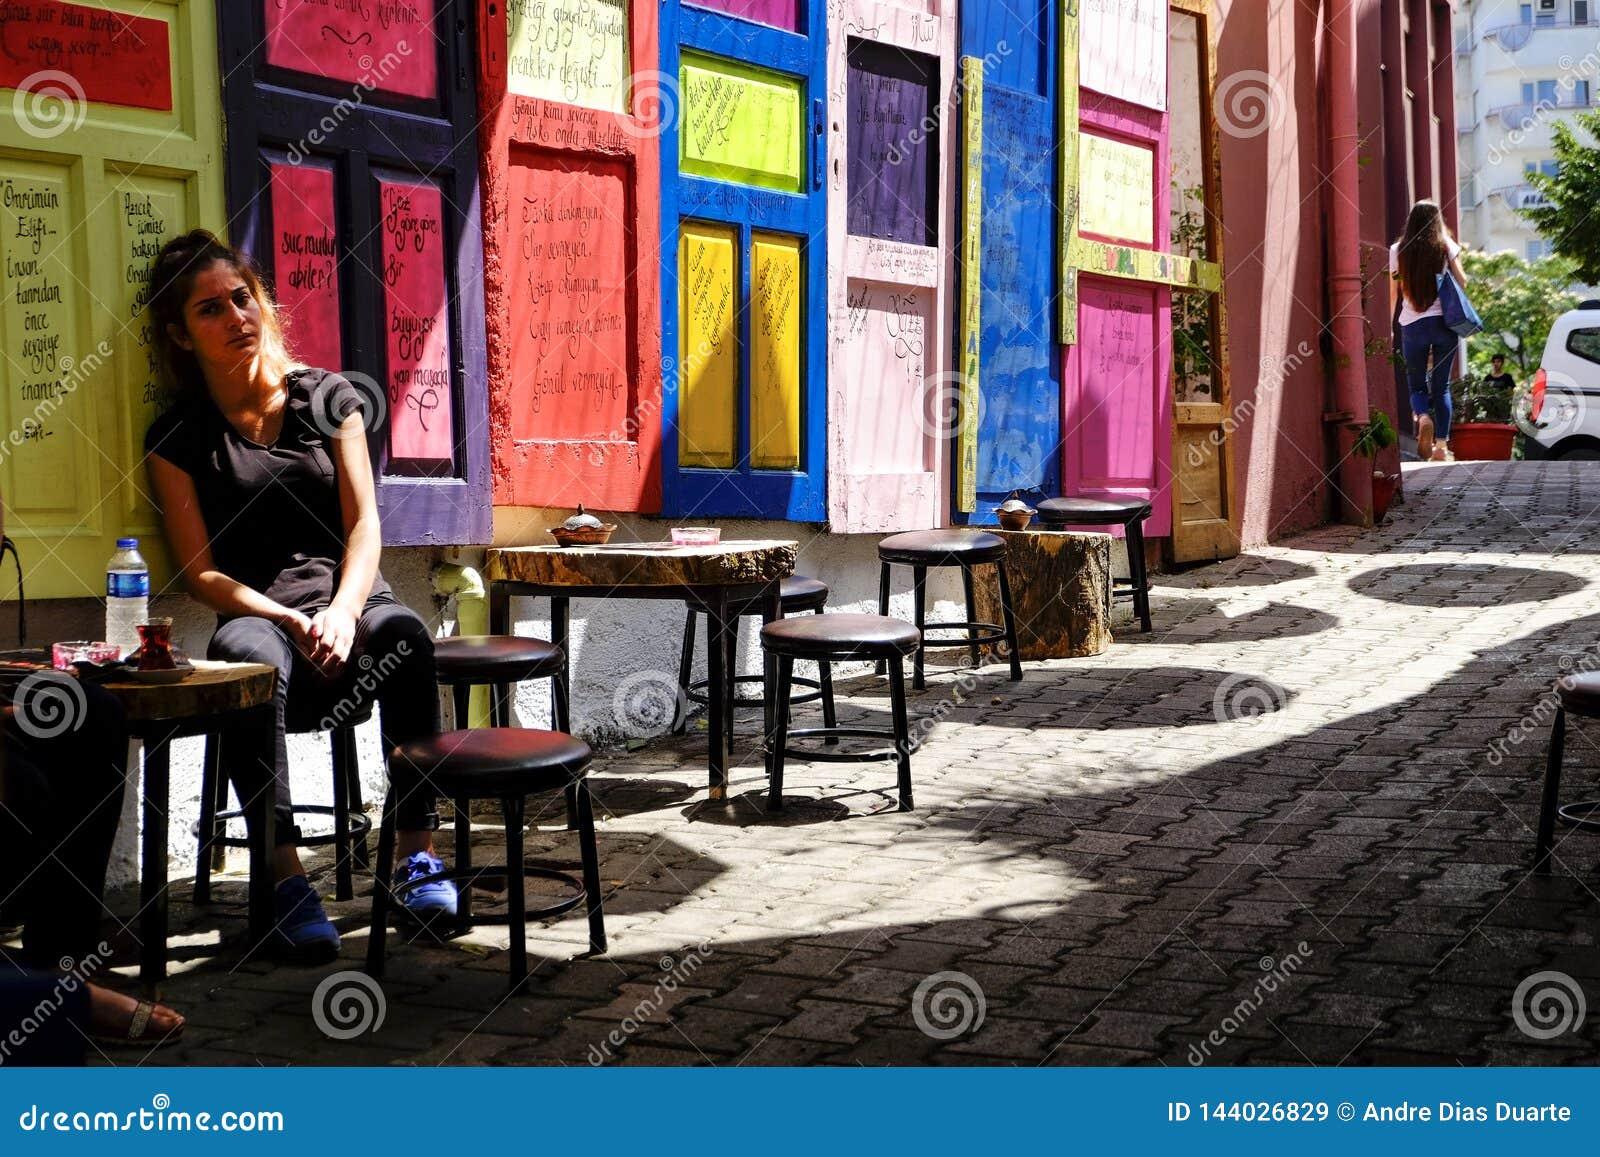 Portas coloridas em um café da rua em Turikey